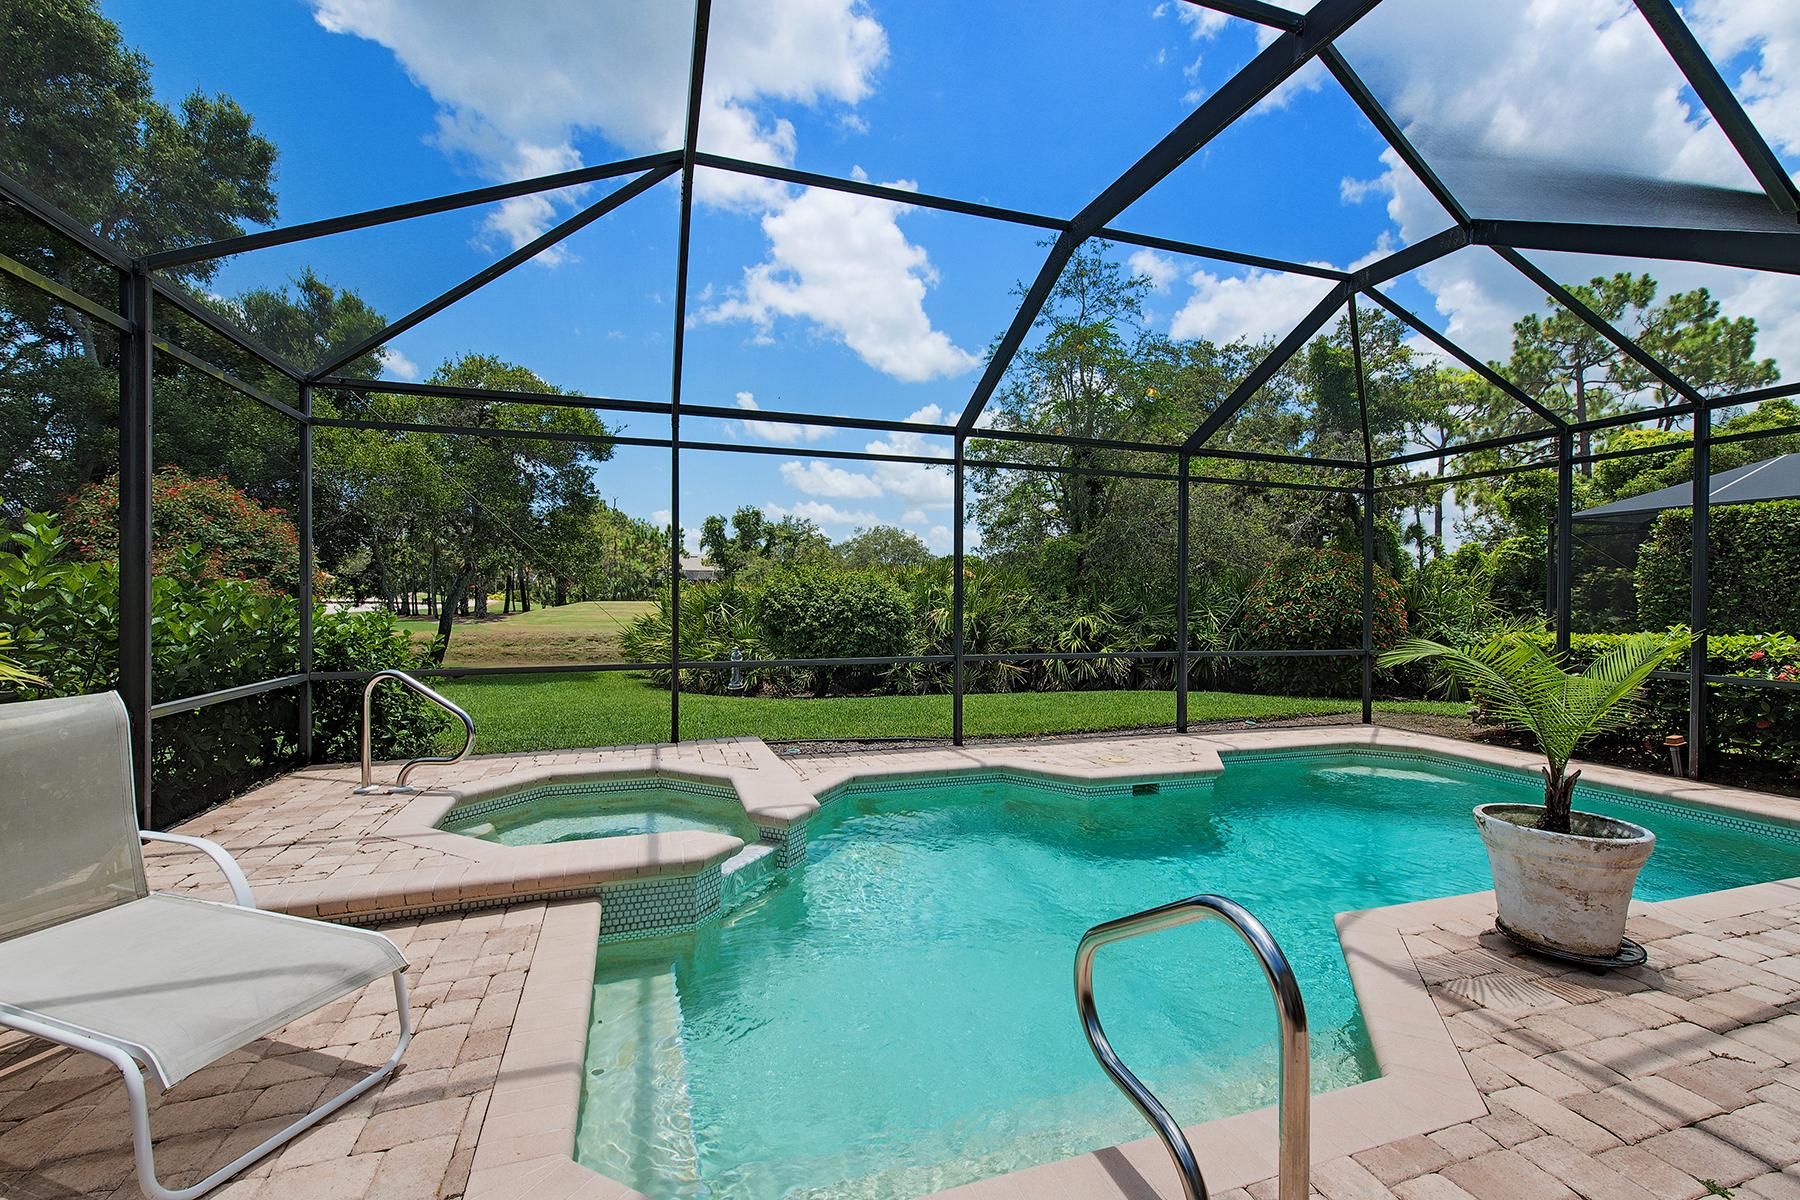 Casa Unifamiliar por un Venta en BAY CEDAR - PELICAN LANDING 24965 Bay Cedar Dr Bonita Springs, Florida, 34134 Estados Unidos